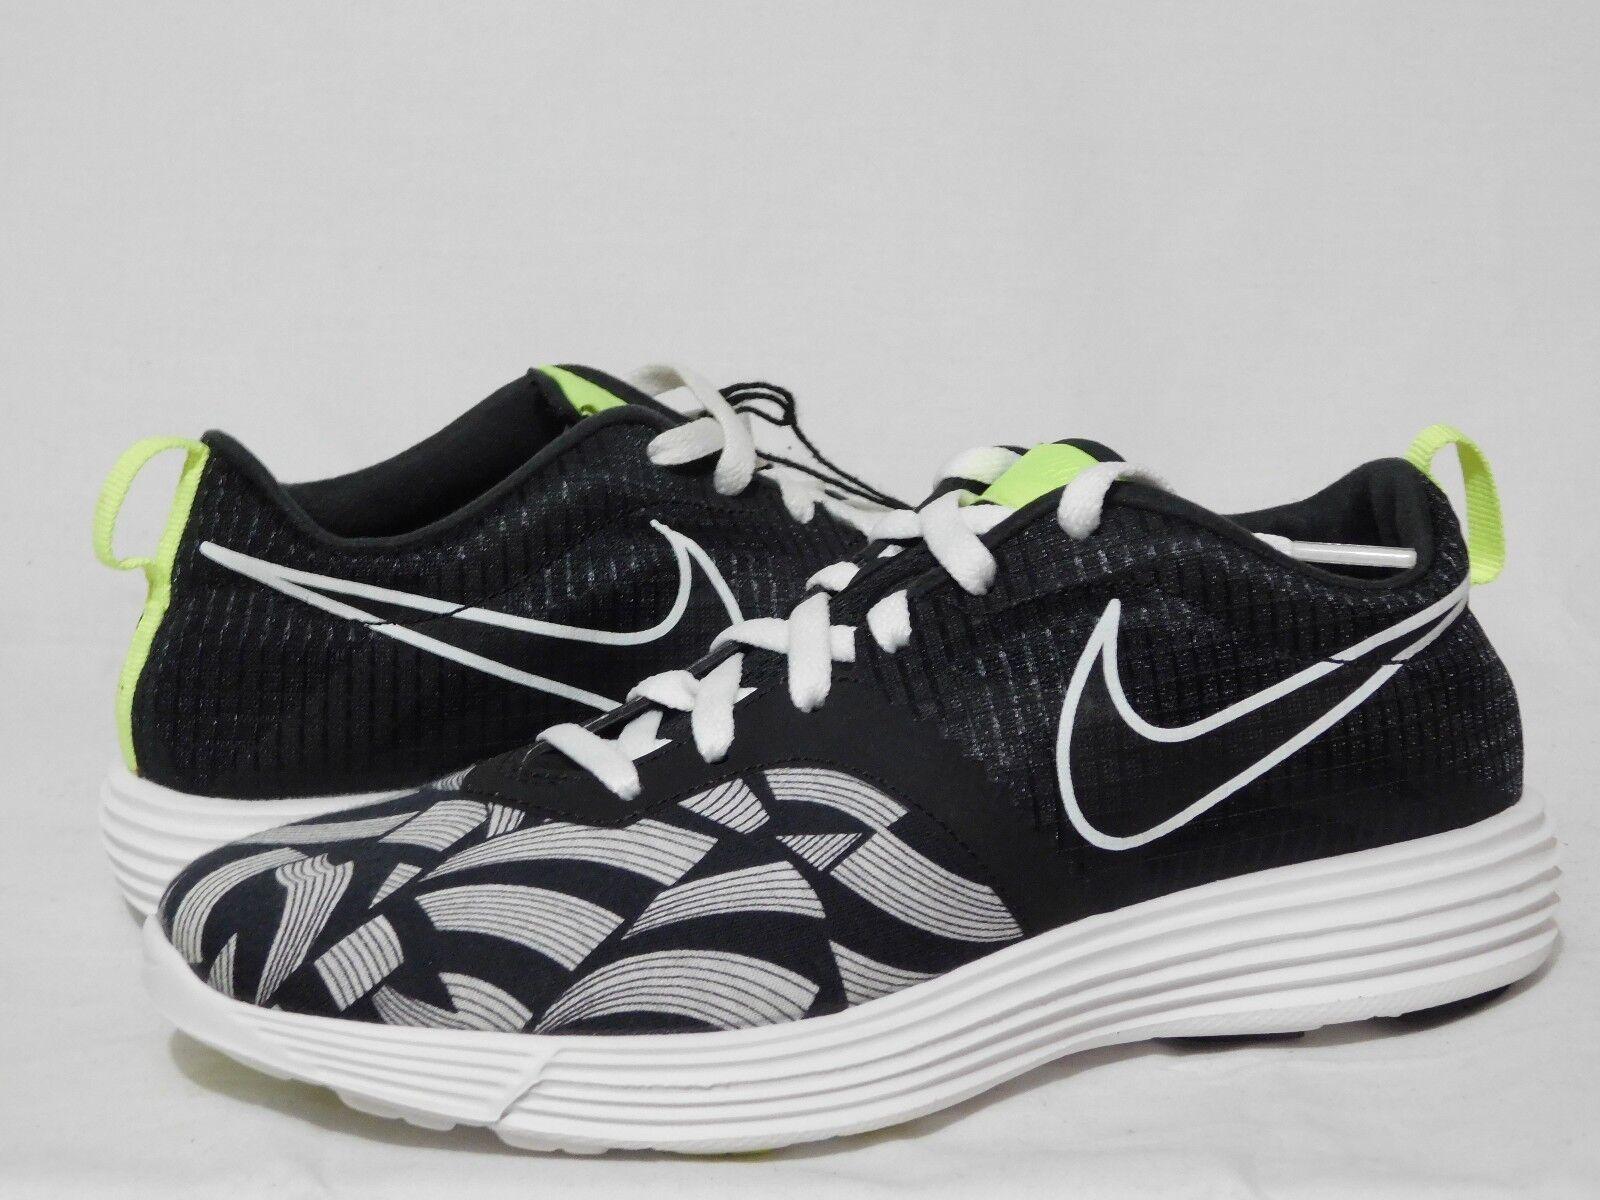 Nike de mujer Lunarmtrl + LIB LIB LIB Libertad 540863-010 Nuevo Original Qs Negro Talla 5.5 para mujer 4Y  grandes precios de descuento